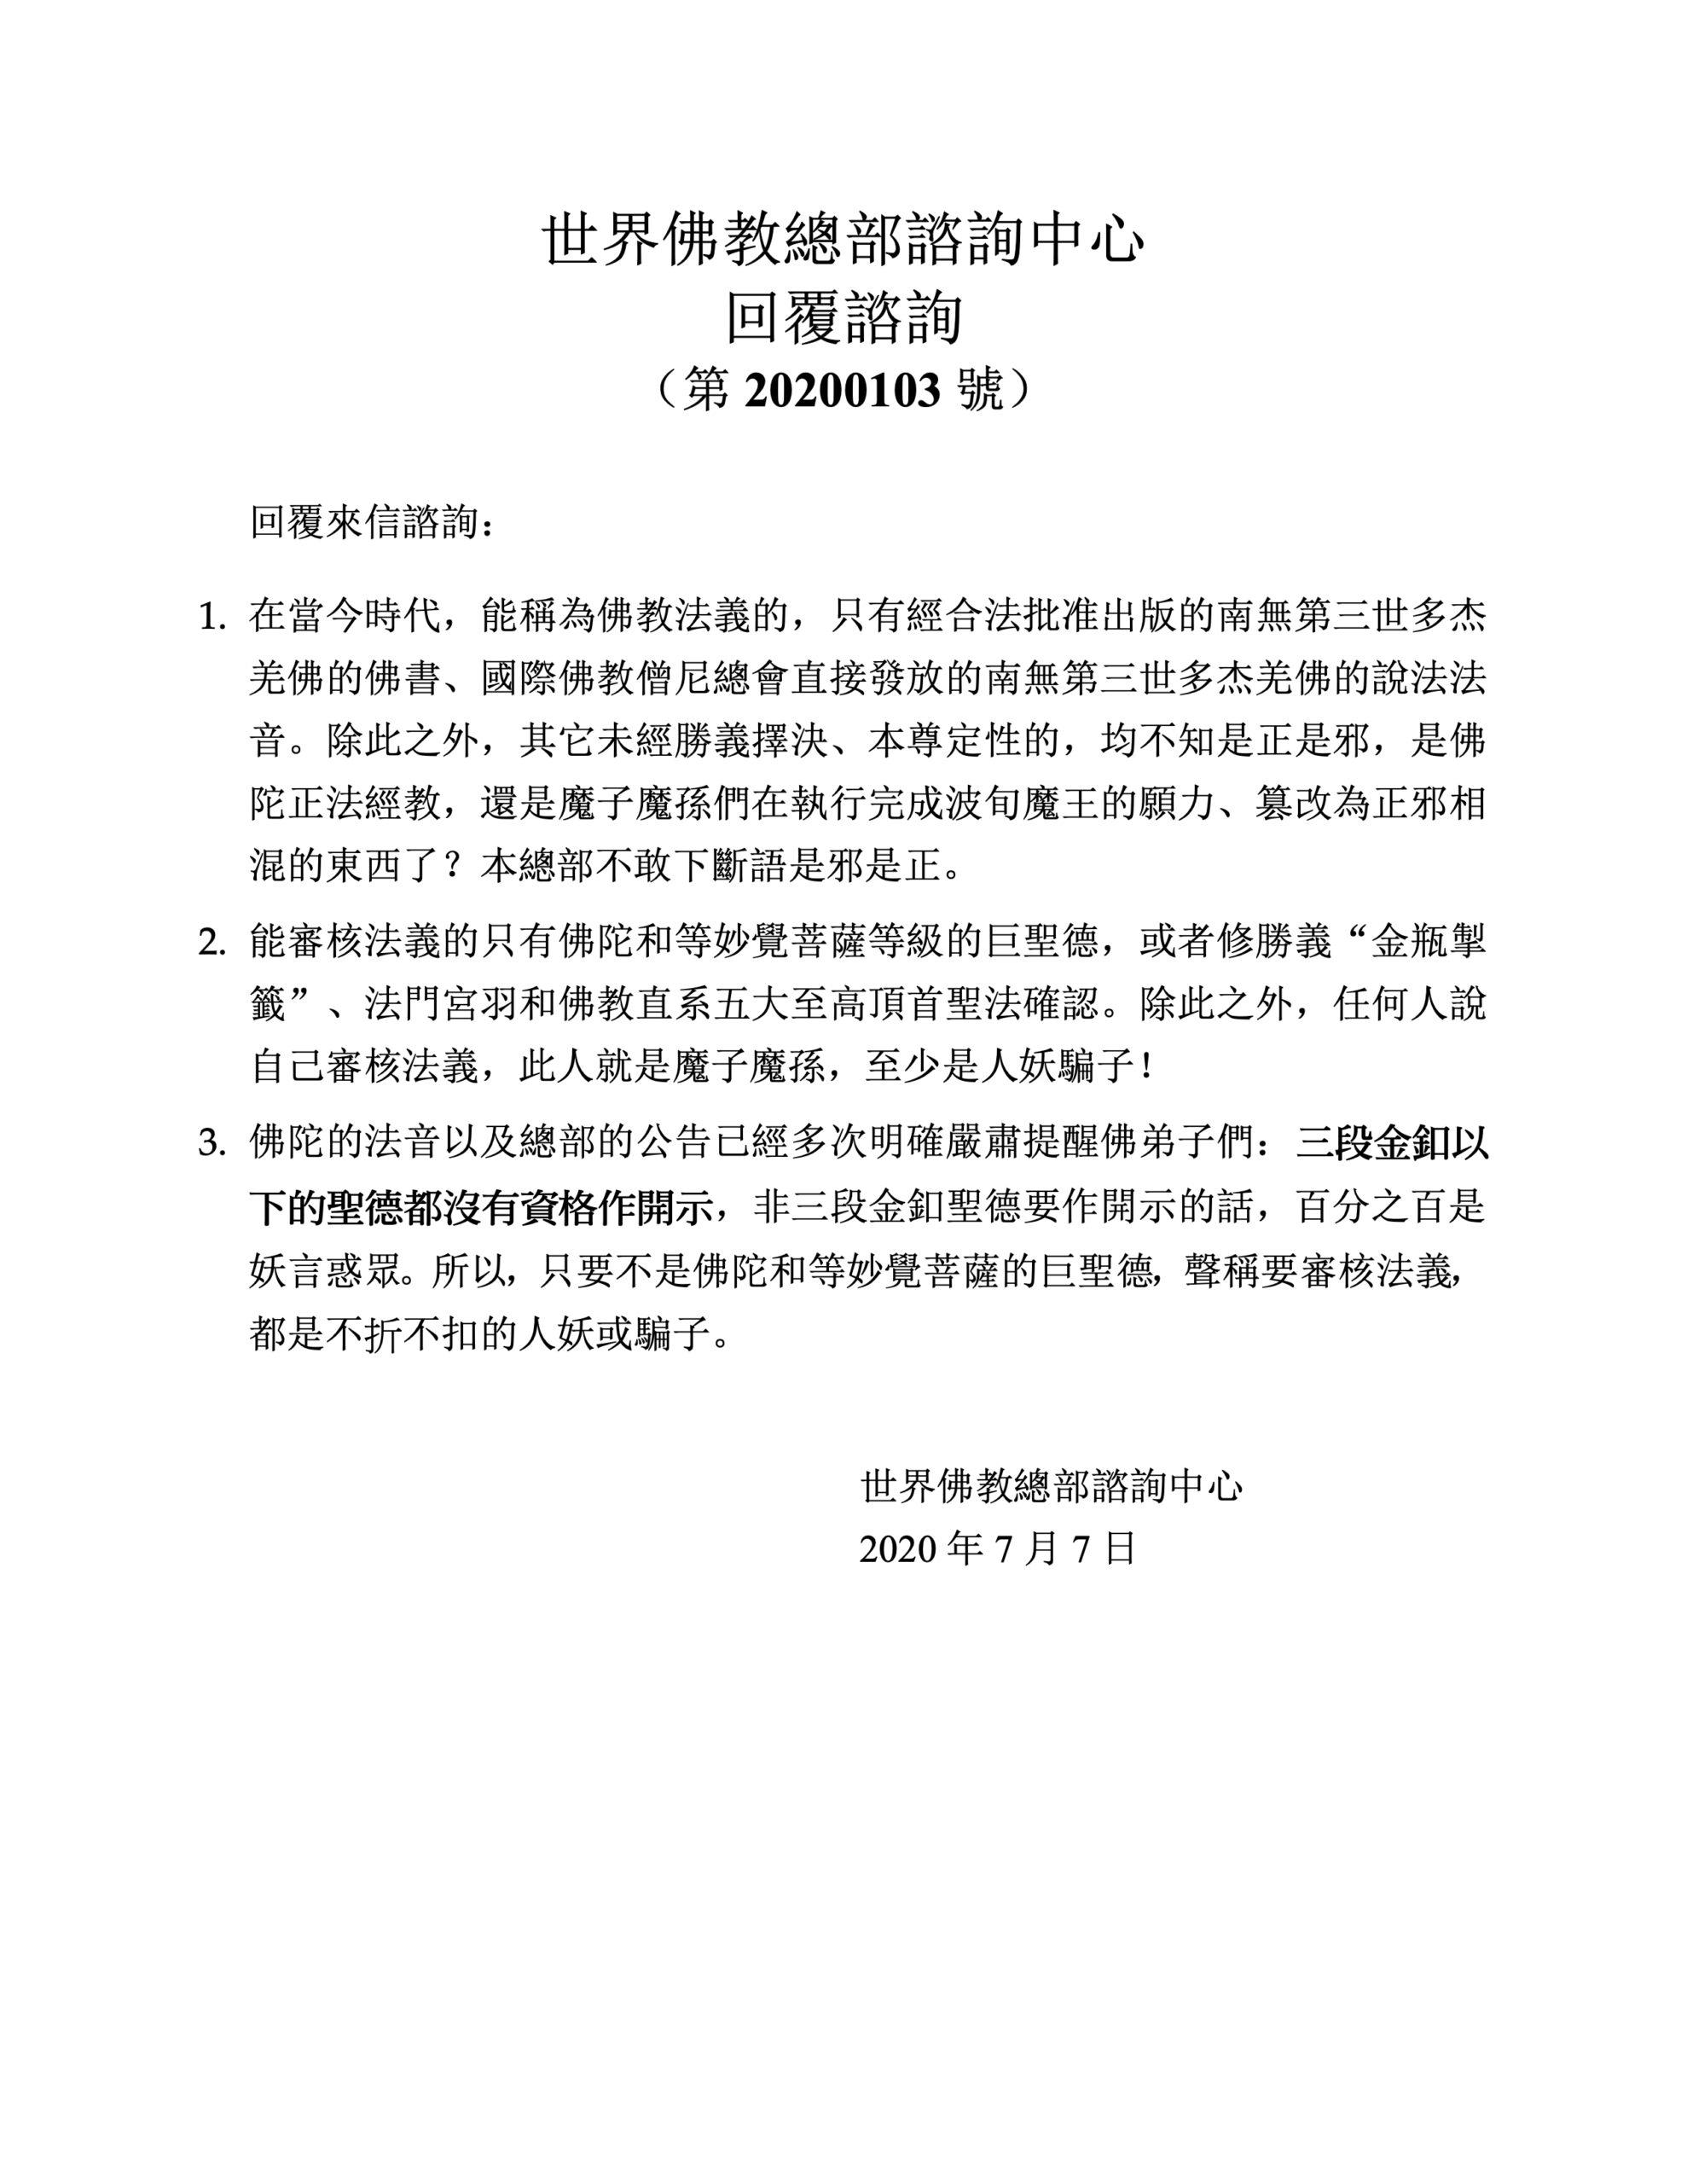 世界佛教總部諮詢中心回覆諮詢(第20200103號)-3